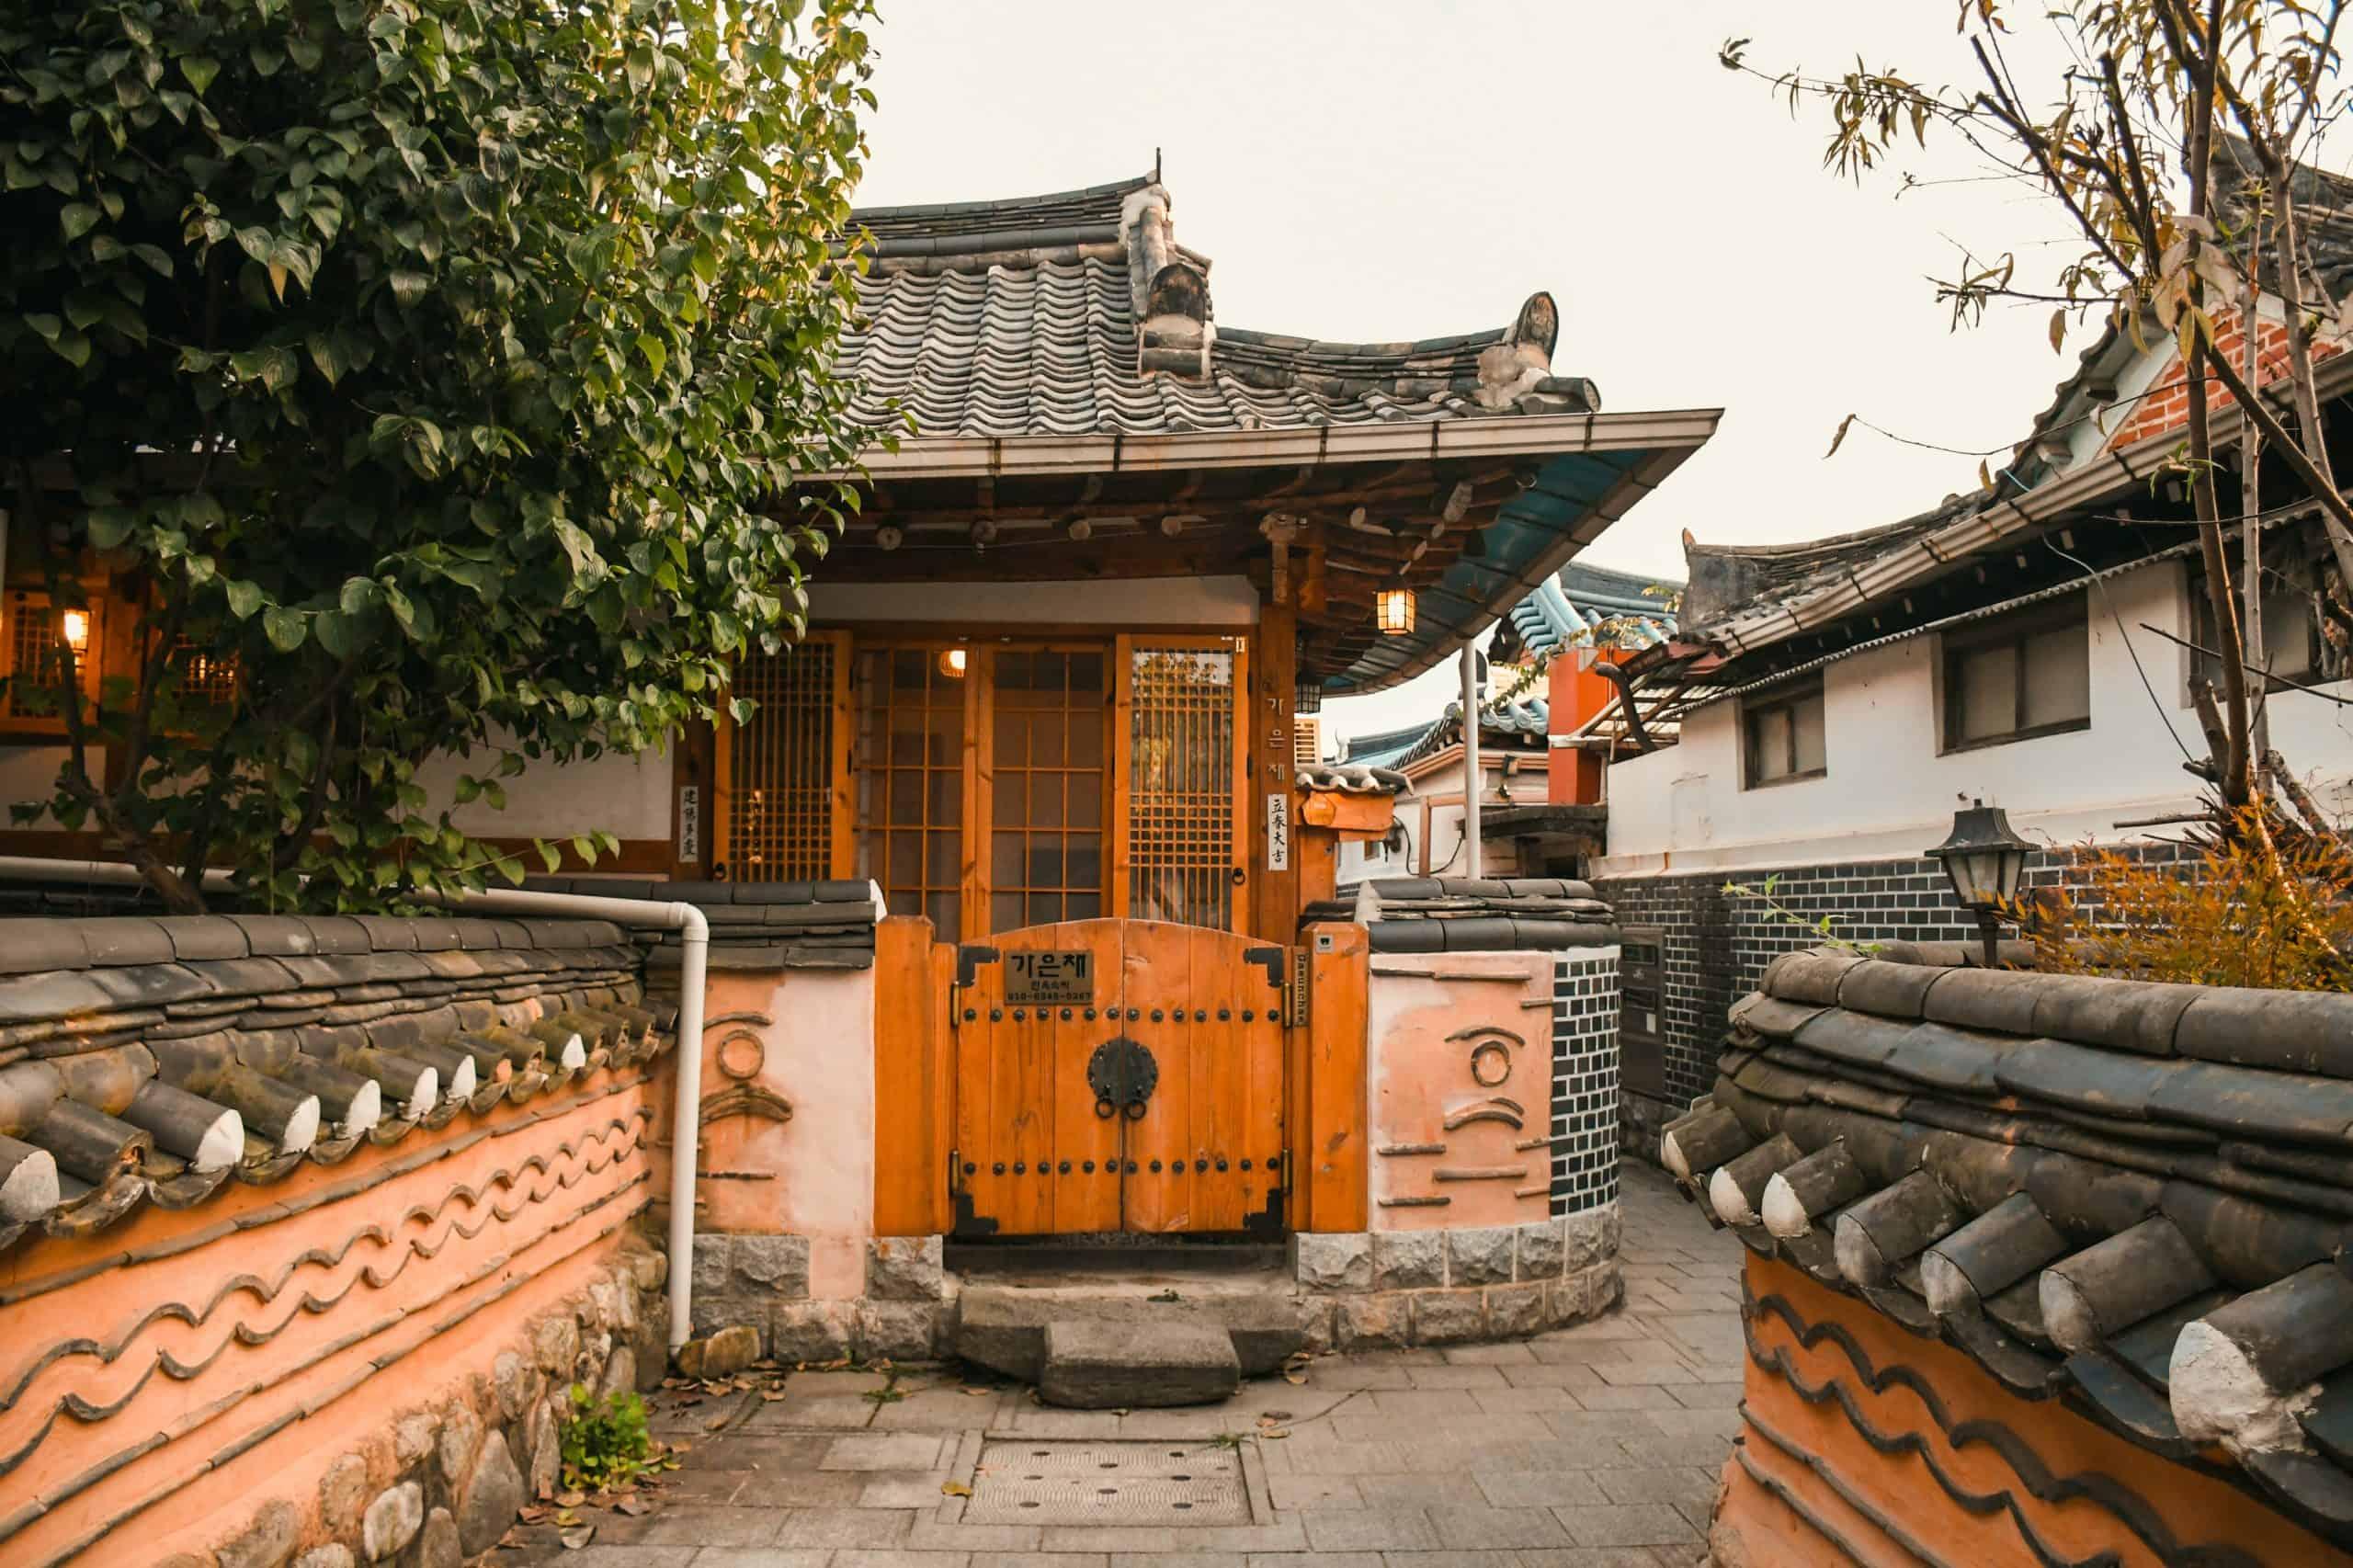 Hanok house in Jeonju